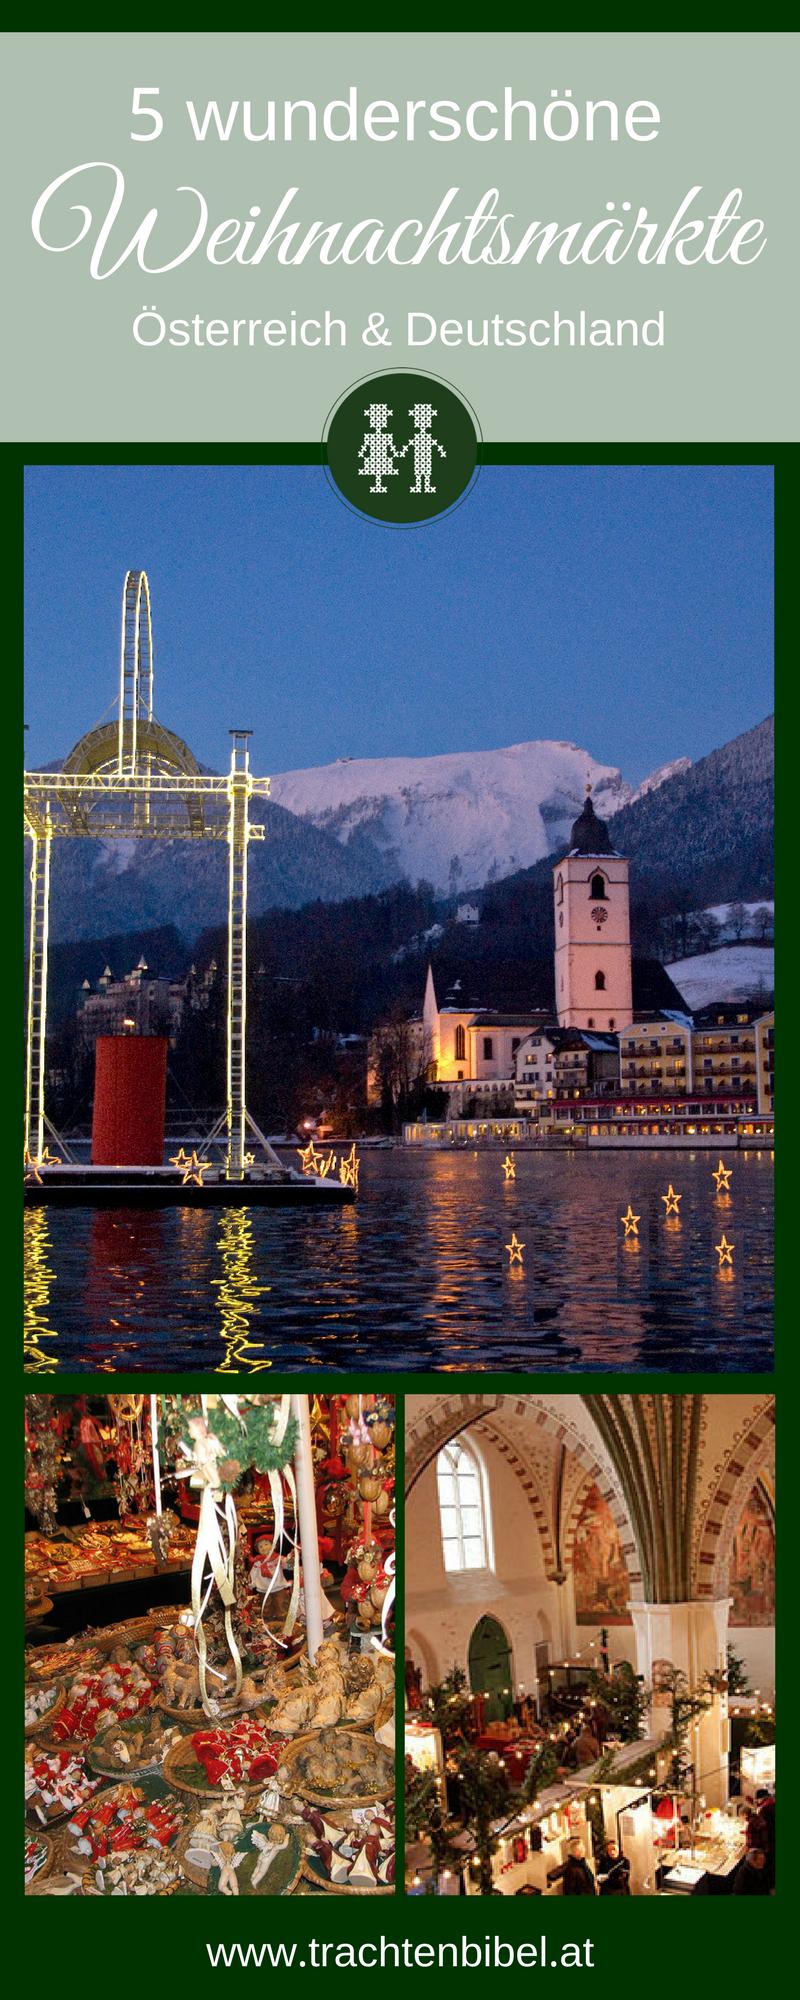 Es muss nicht der Big Apple sein! Für Last Minute Weihnachtsgeschenke eignen sich diese 5 wunderschönen Weihnachtsmärkte in Deutschland und Österreich perfekt!